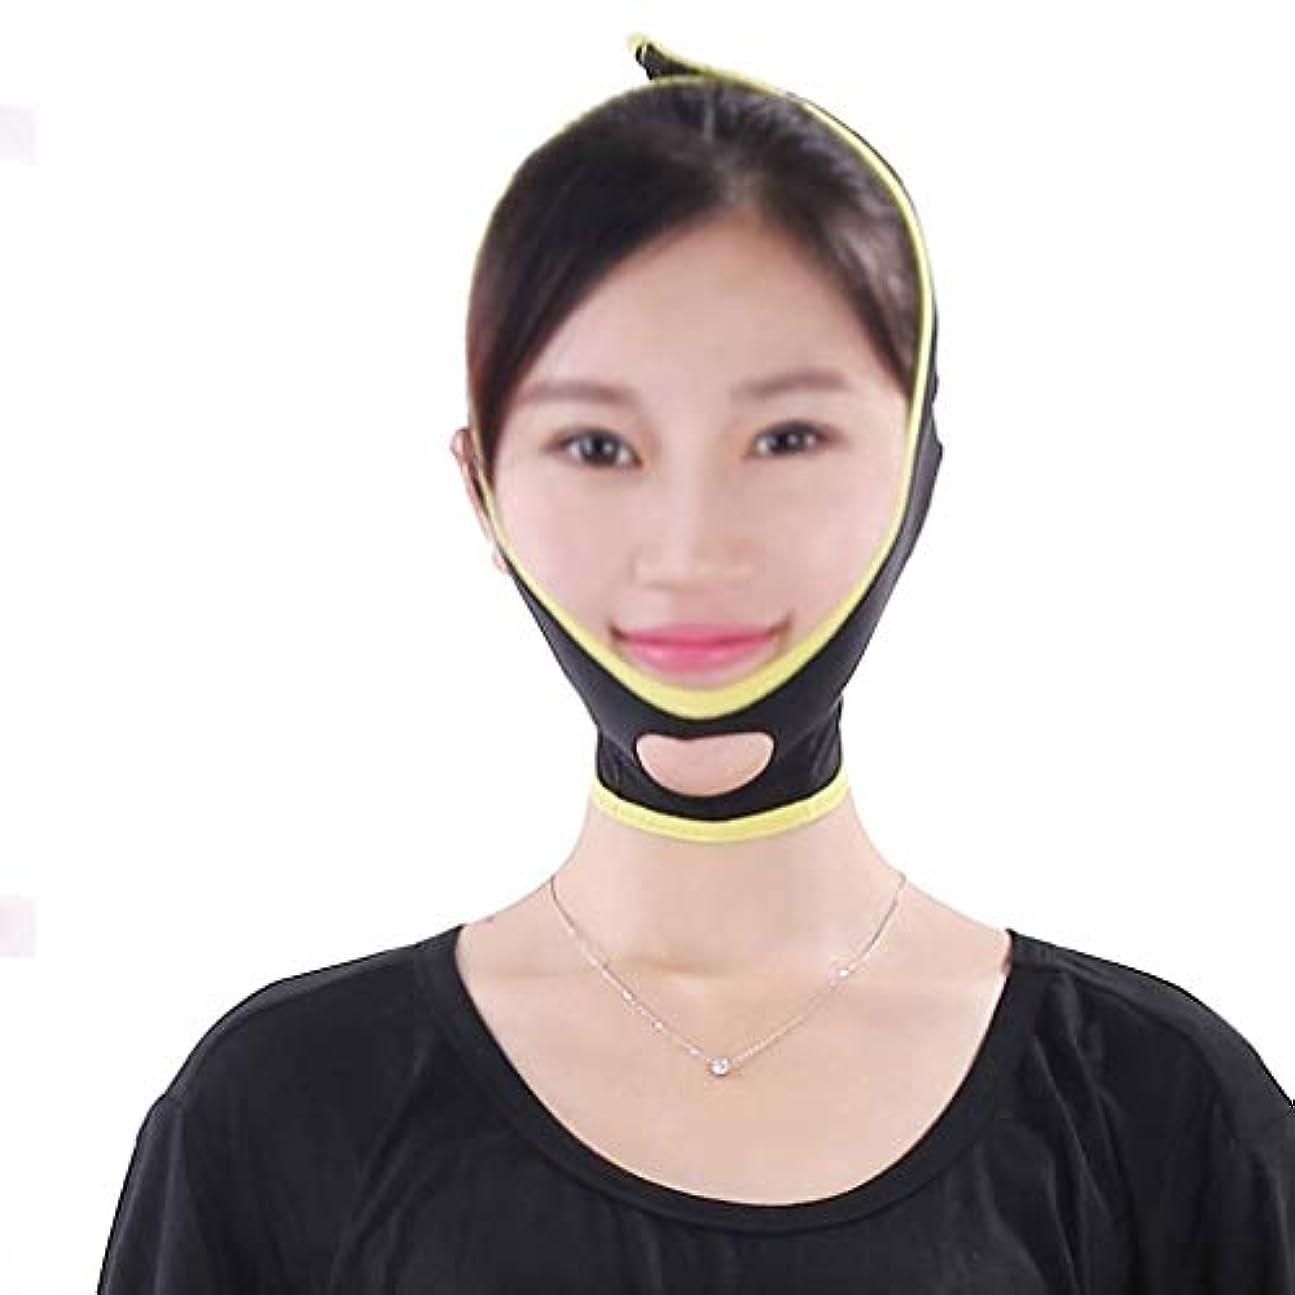 時代遅れ残るカニ顔のマスク、男性と女性の顔を持ち上げるアーティファクト包帯美容リフティングファーミングサイズVフェイスダブルチンスリープマスク埋め込みシルクカービングスリミングベルト(サイズ:L)